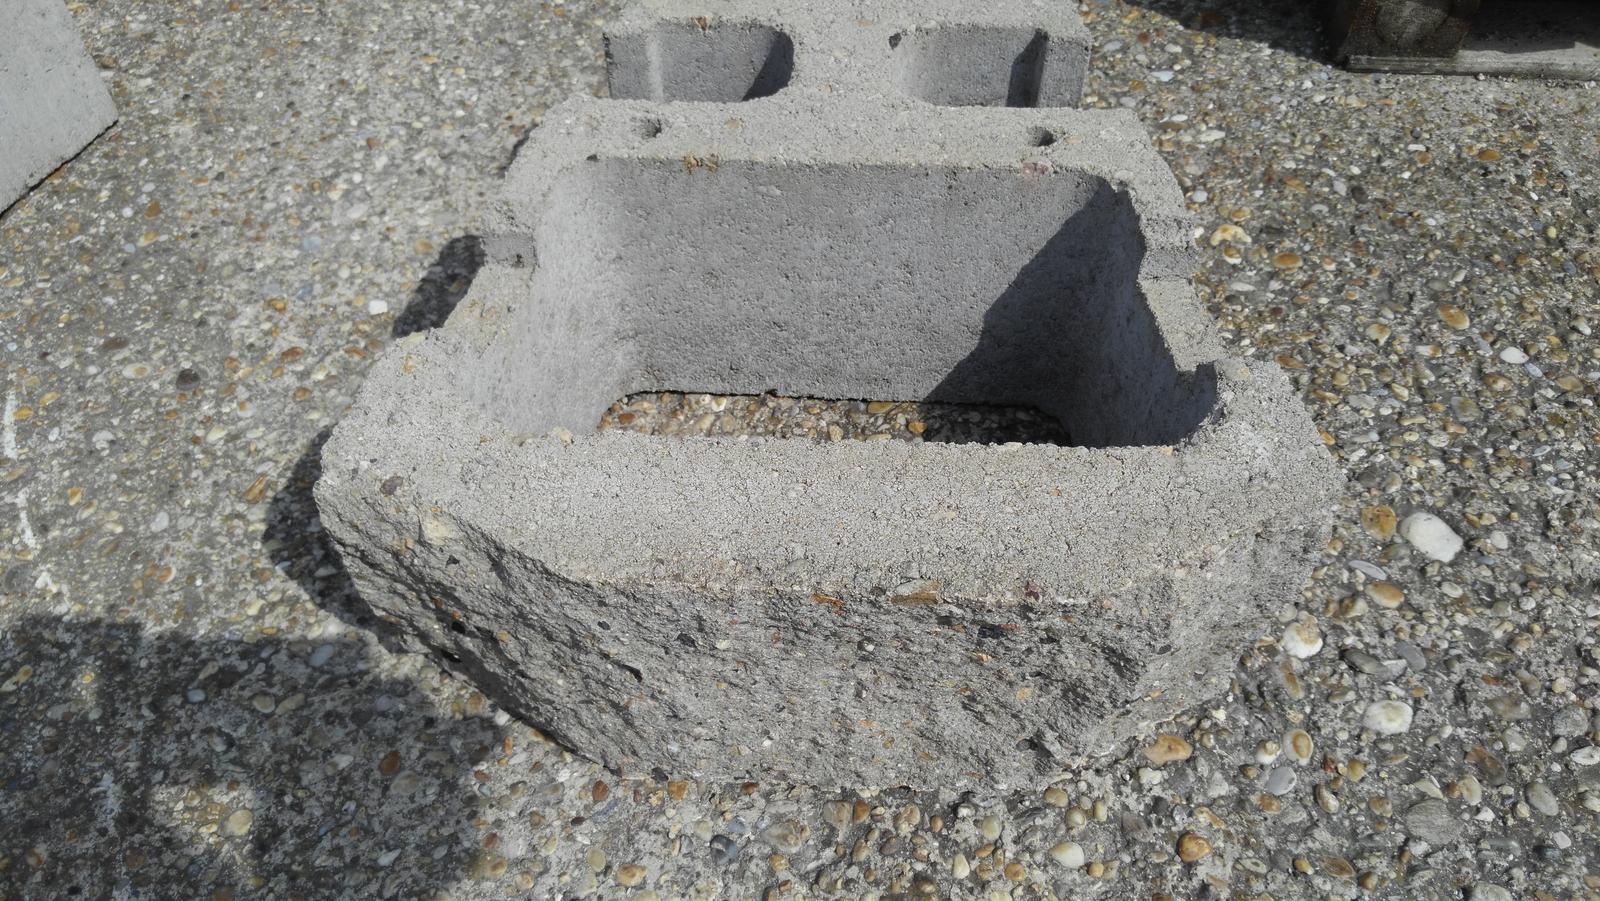 07 Vegetačný oporný múr sa na jar prebúdza ( rozšírené 19.6.2020 ) - Tvárnica - kvetináč masívnej konštrukcie s povrchom zo betónu štiepaného v troch rovinách